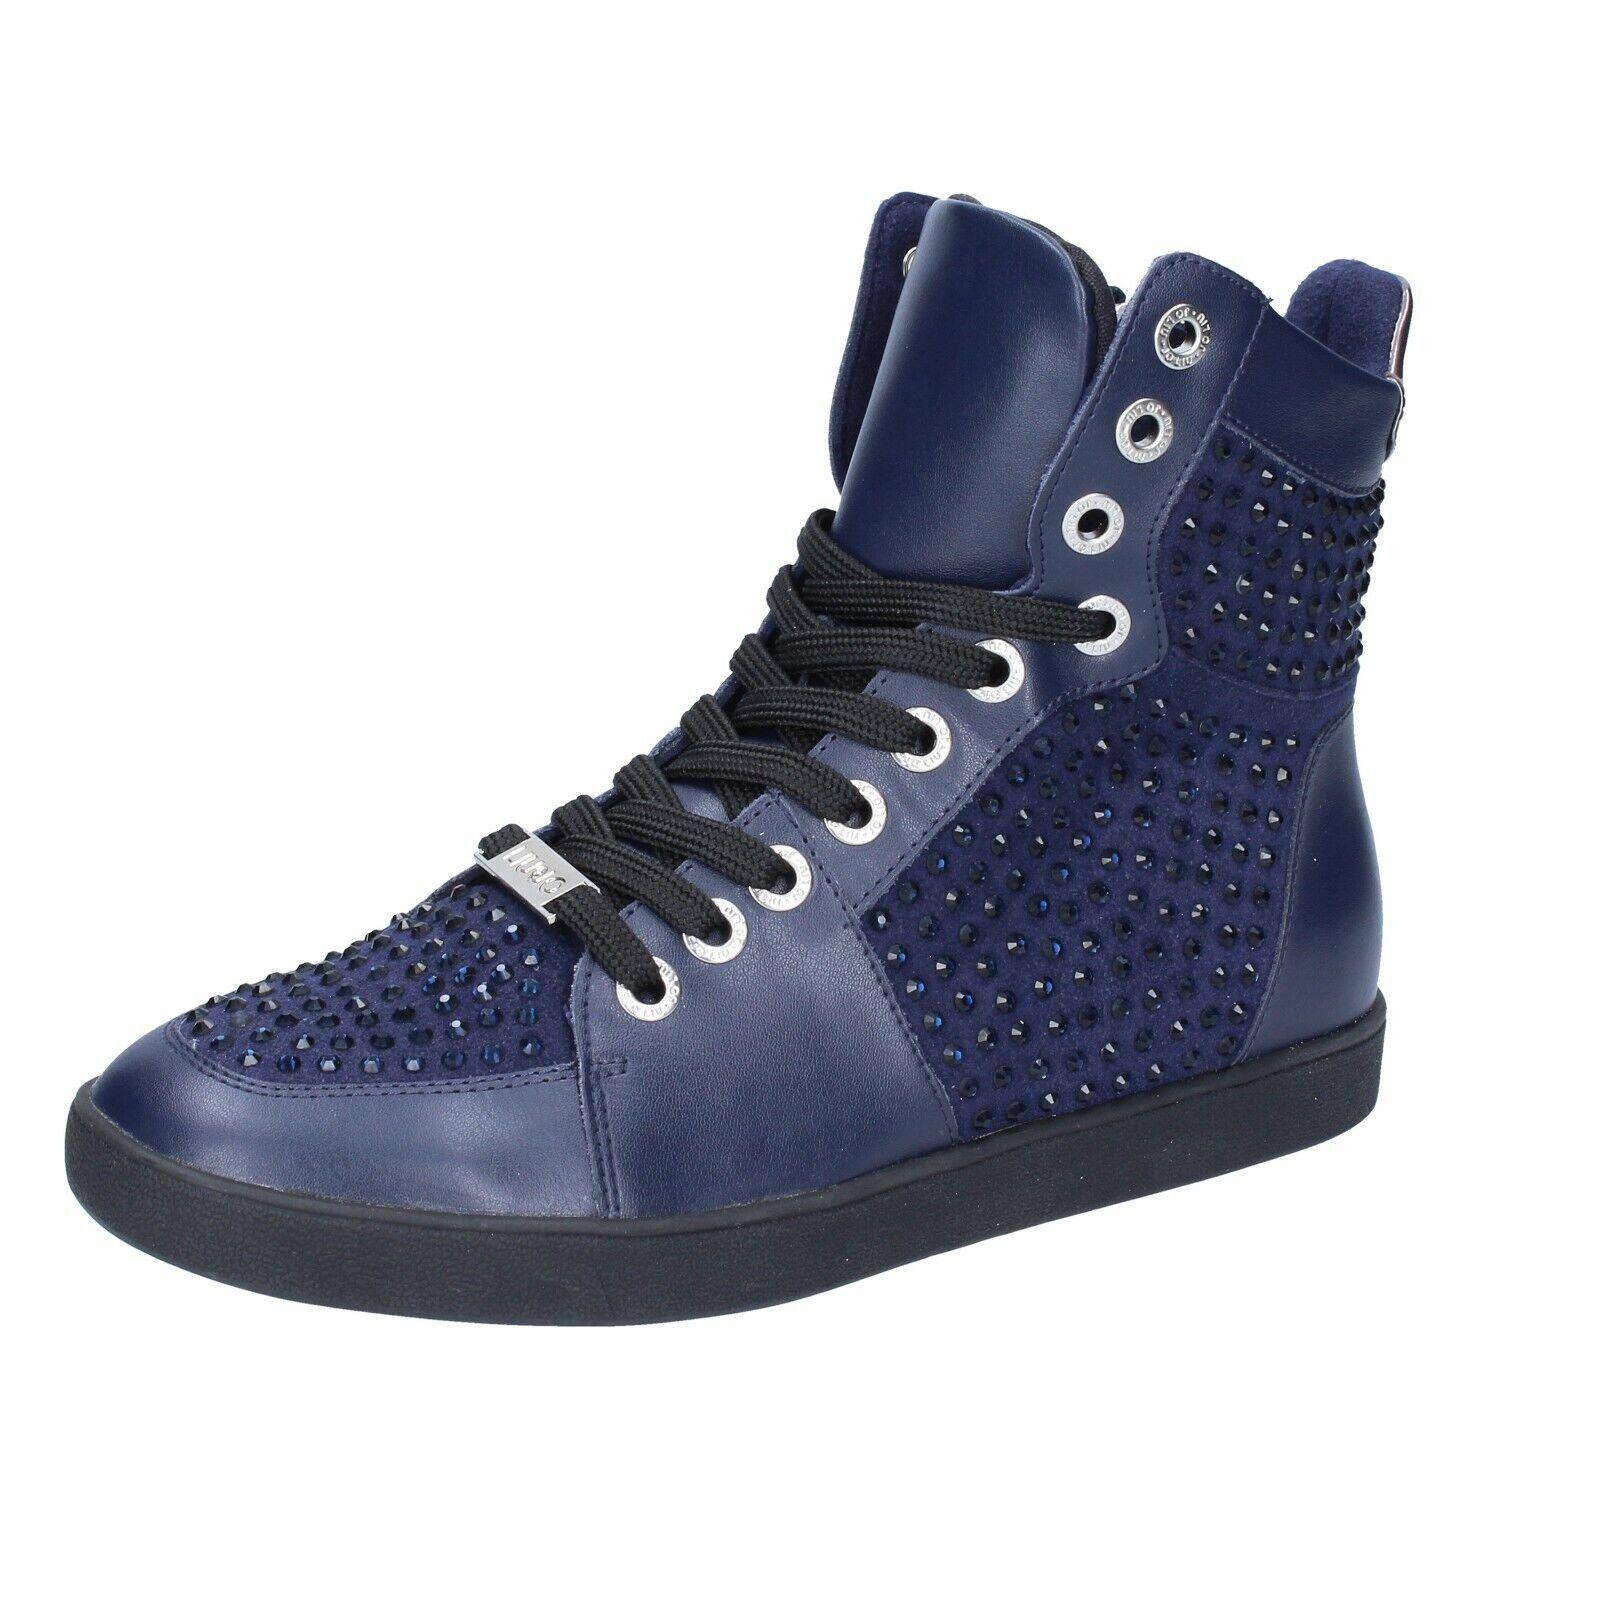 Zapatos señora liu jo 36 UE zapatillas azul de gamuza cuero pedrería bs649-36